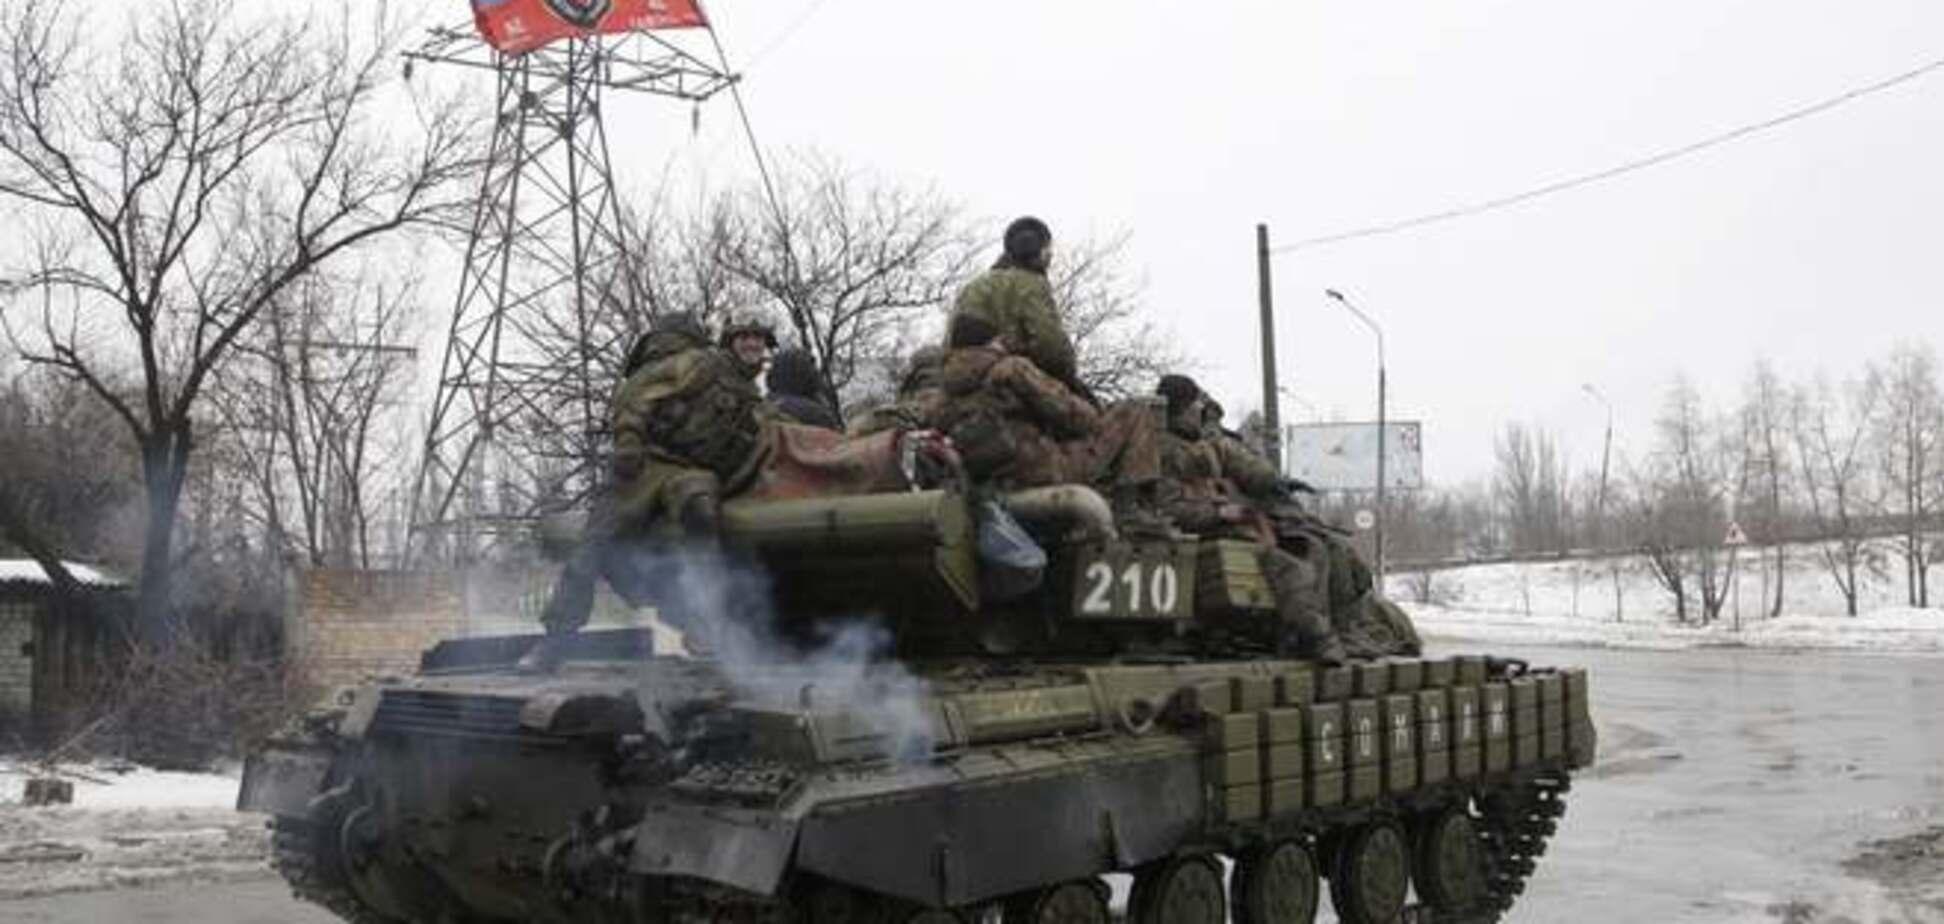 Из России на Донбасс зашли 20 танков, 10 САУ и 35 грузовиков с боеприпасами